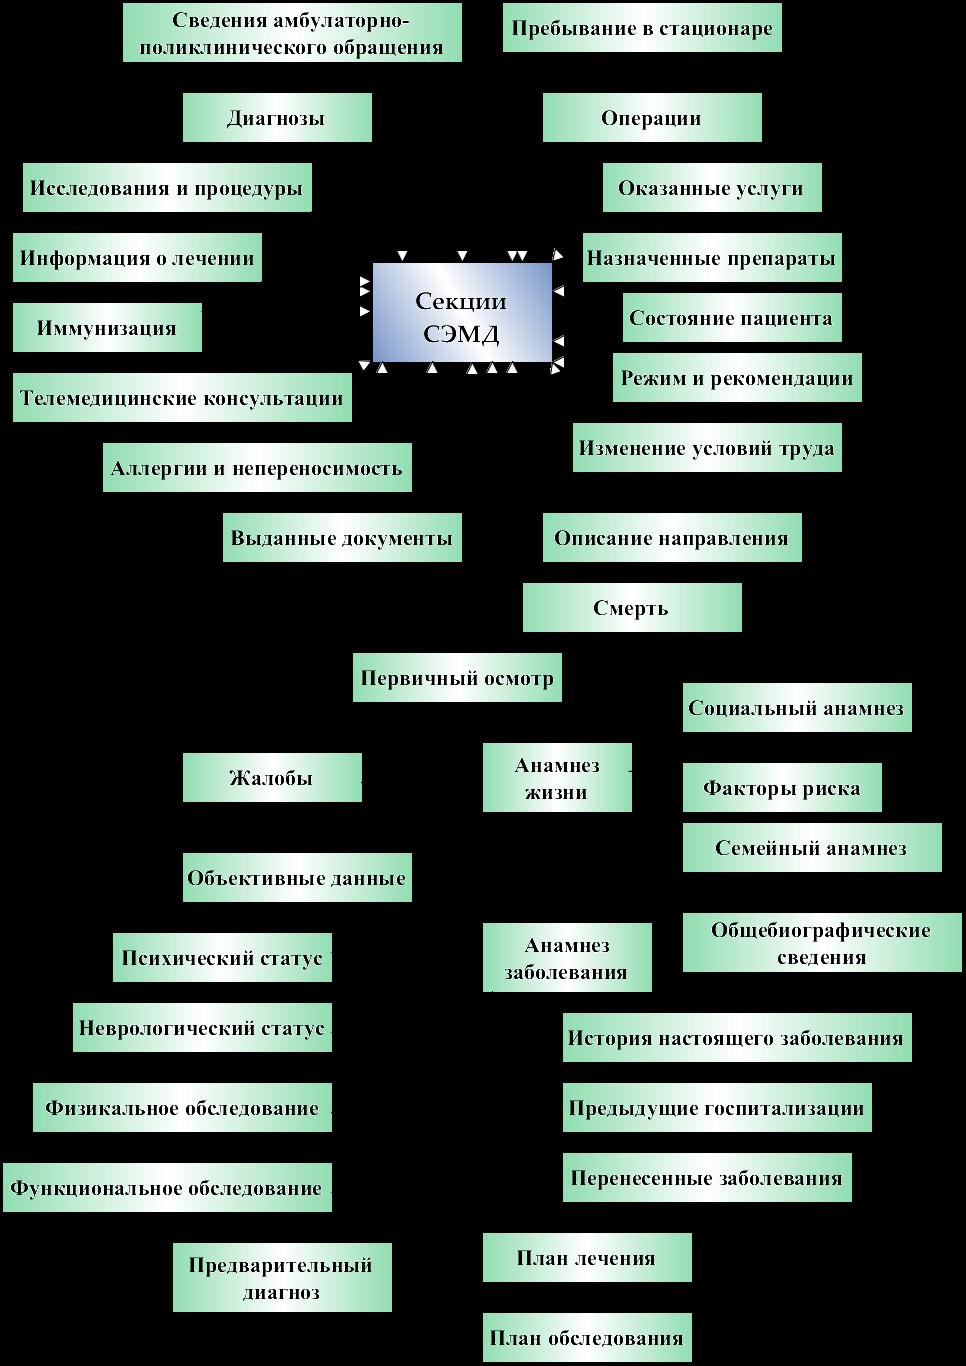 Схема исследования неврологического статуса